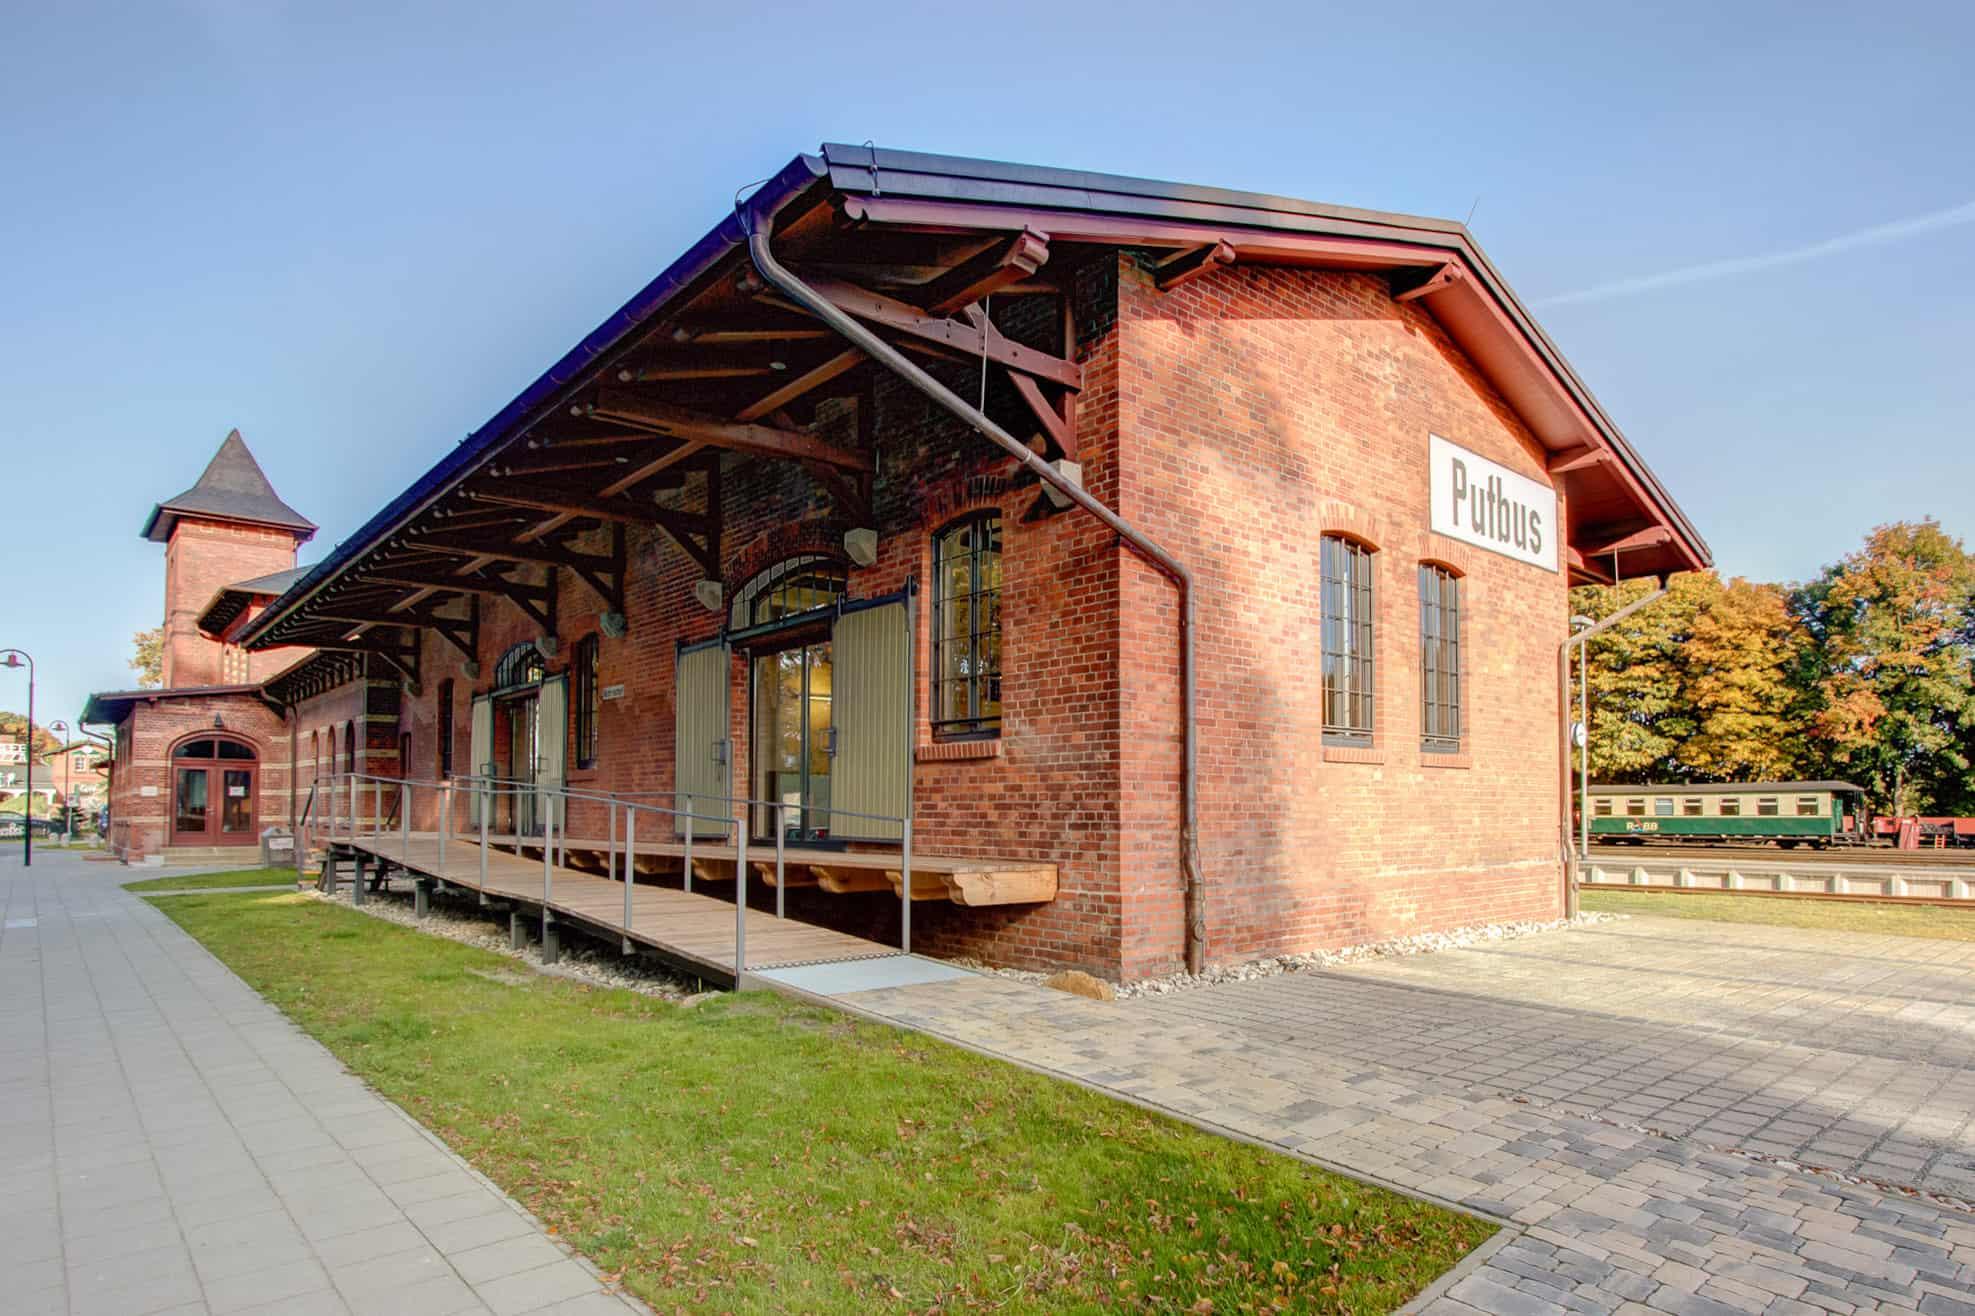 Bahnhof Putbus Verwaltung